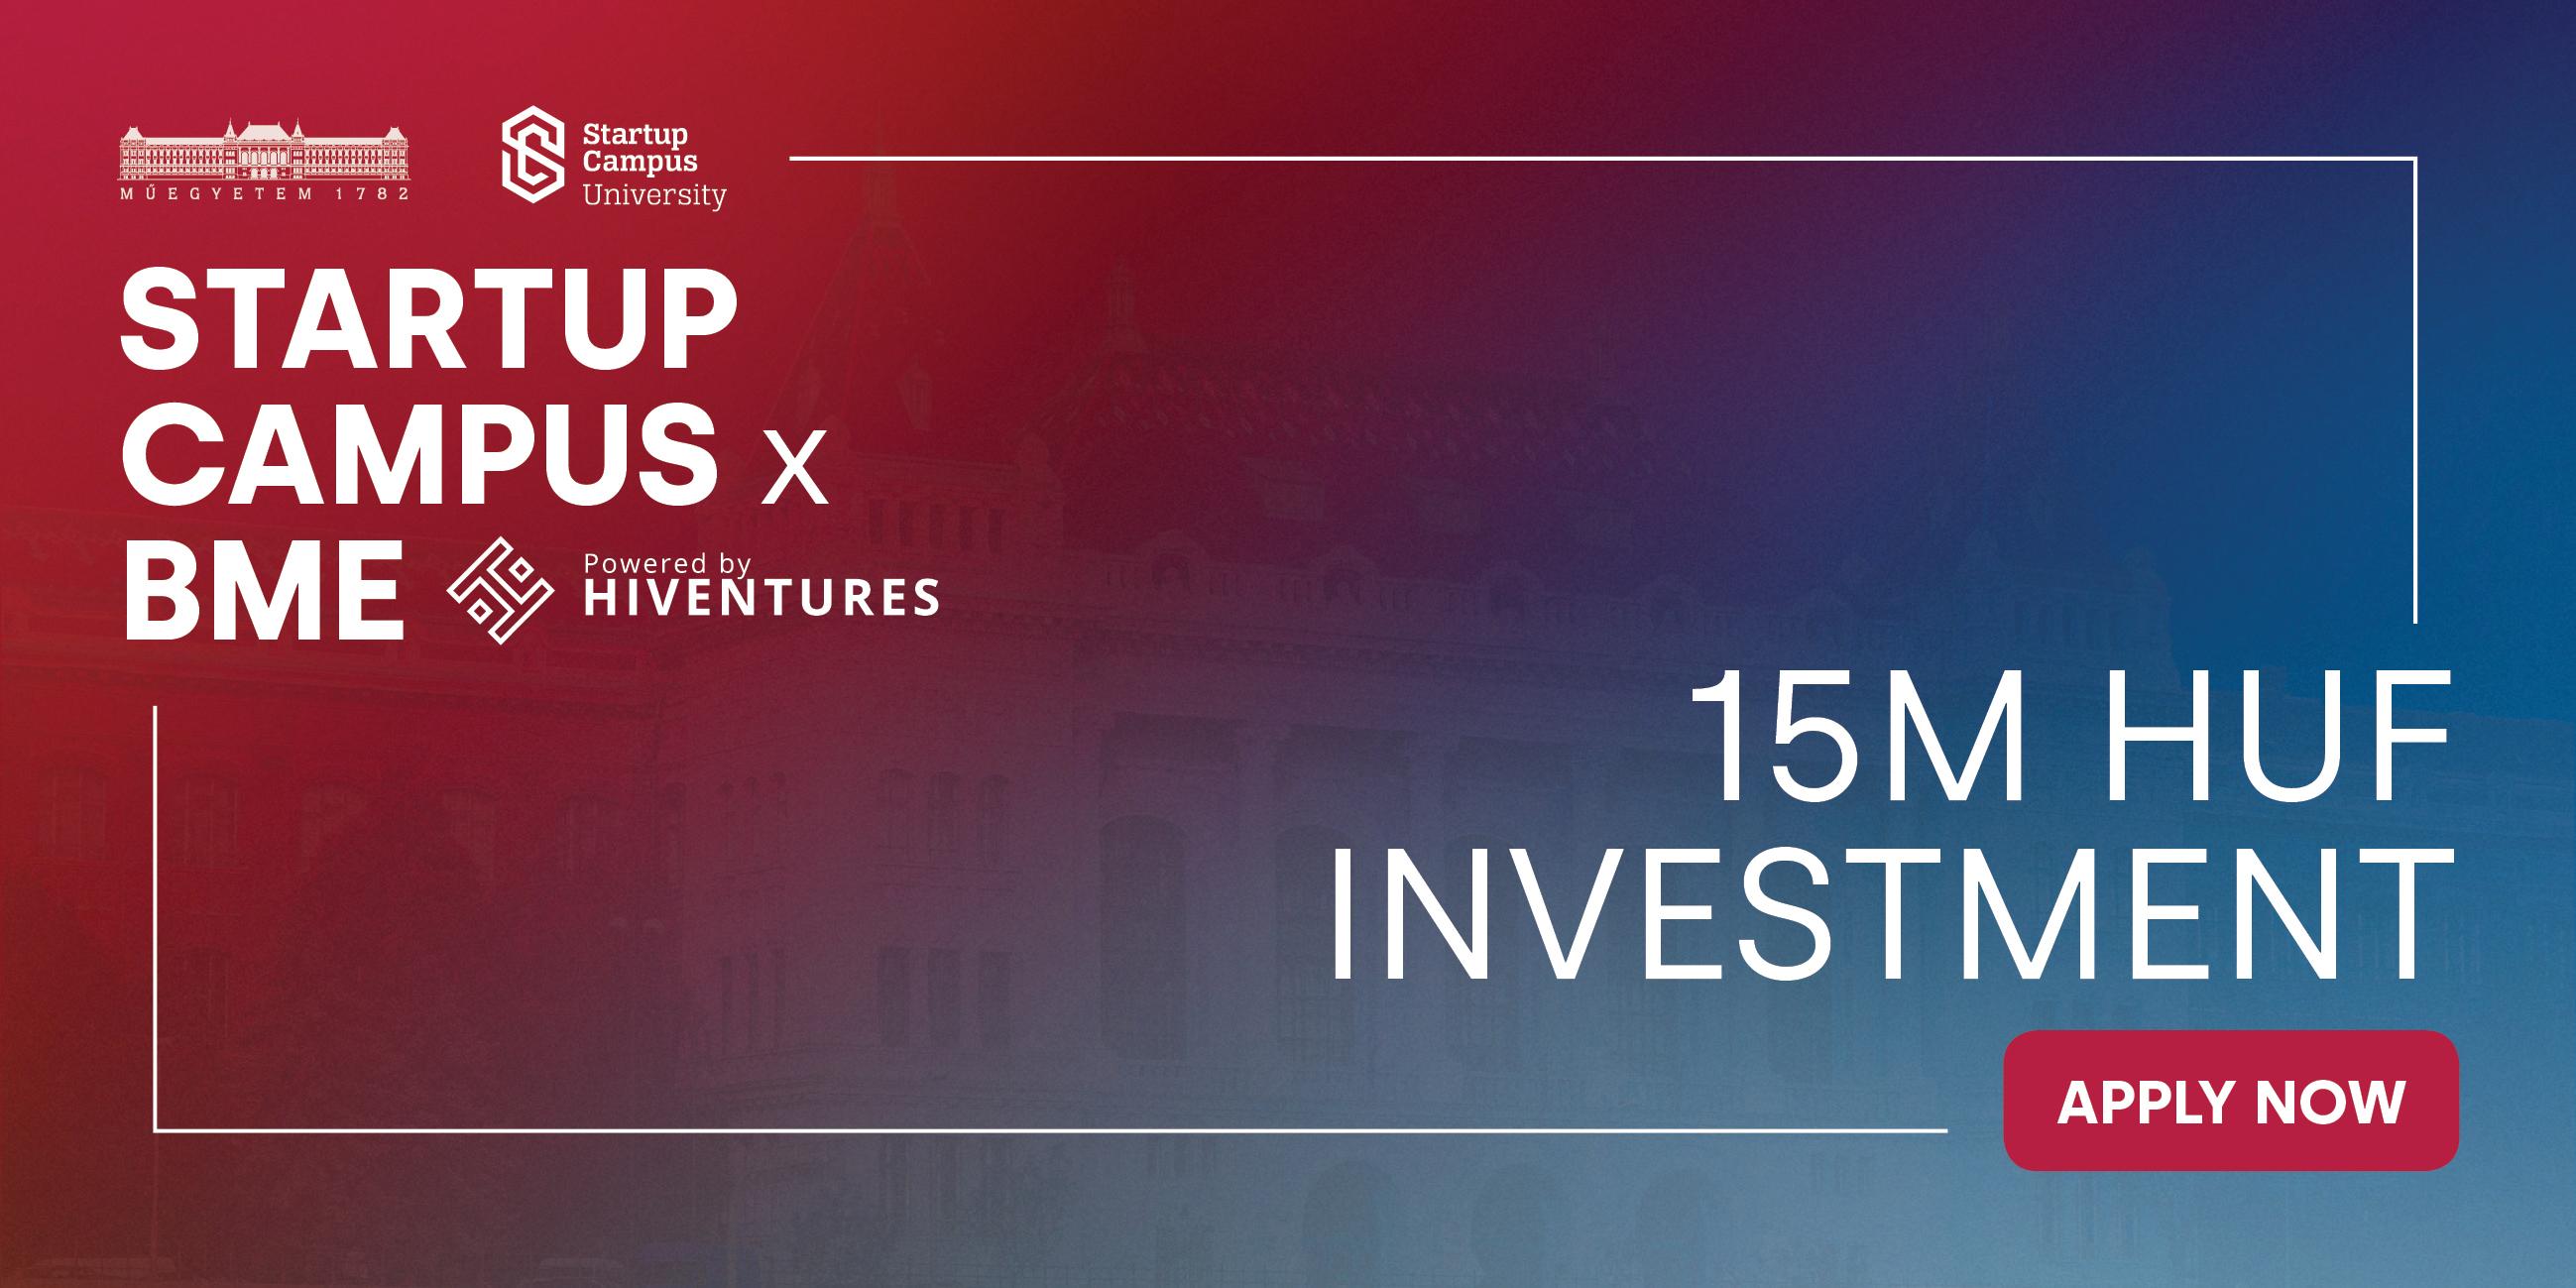 A Startup Campus x BME powered by Hiventures harmadik szemesztere októbertől indul!